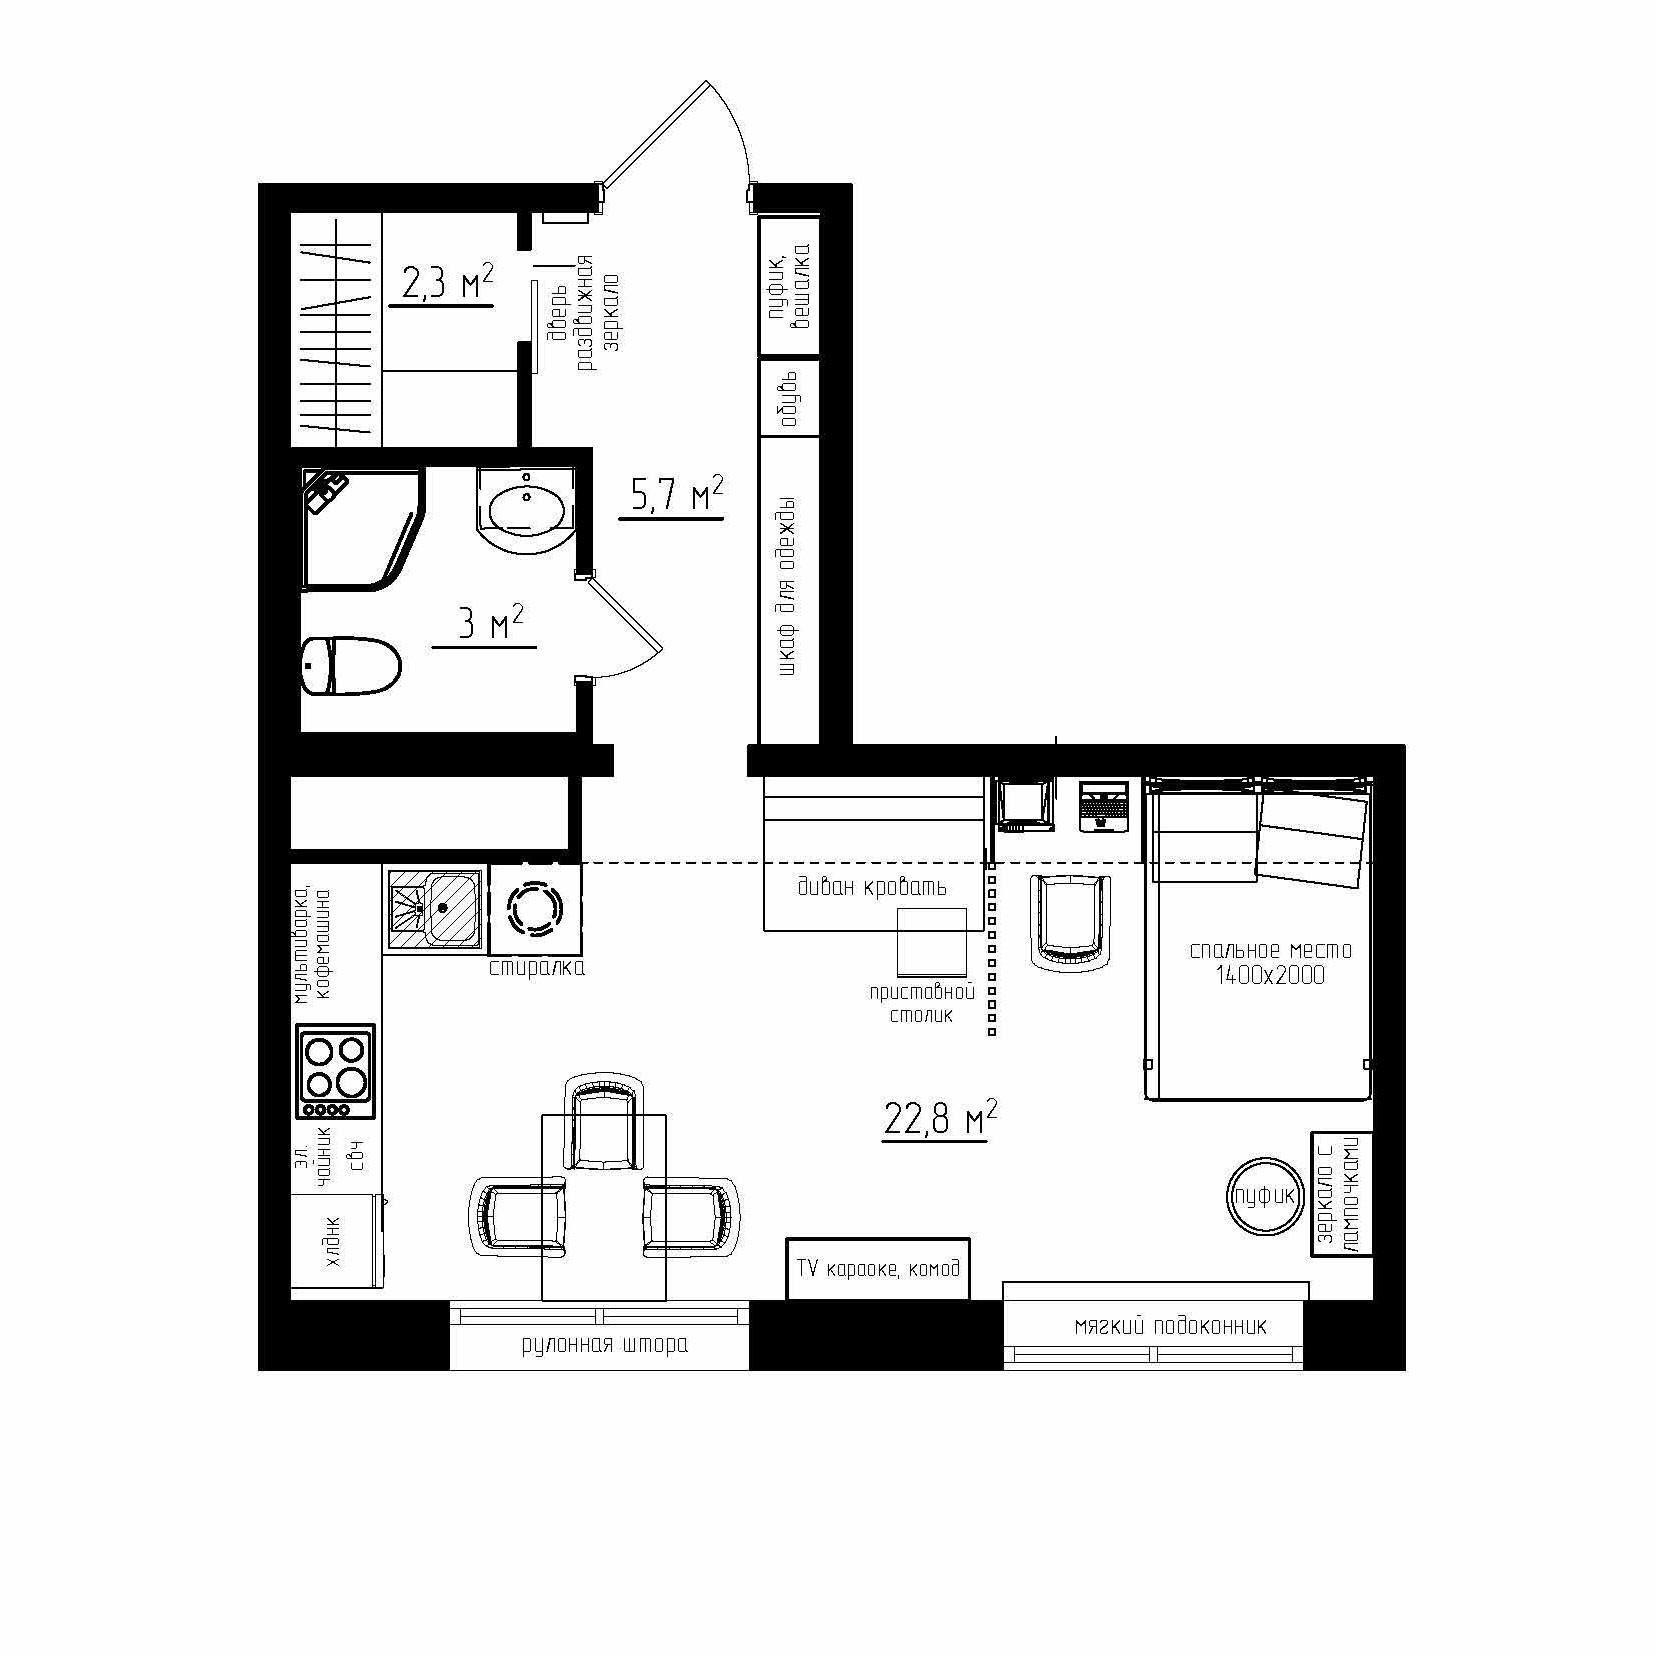 Проект квартиры 34 кв.